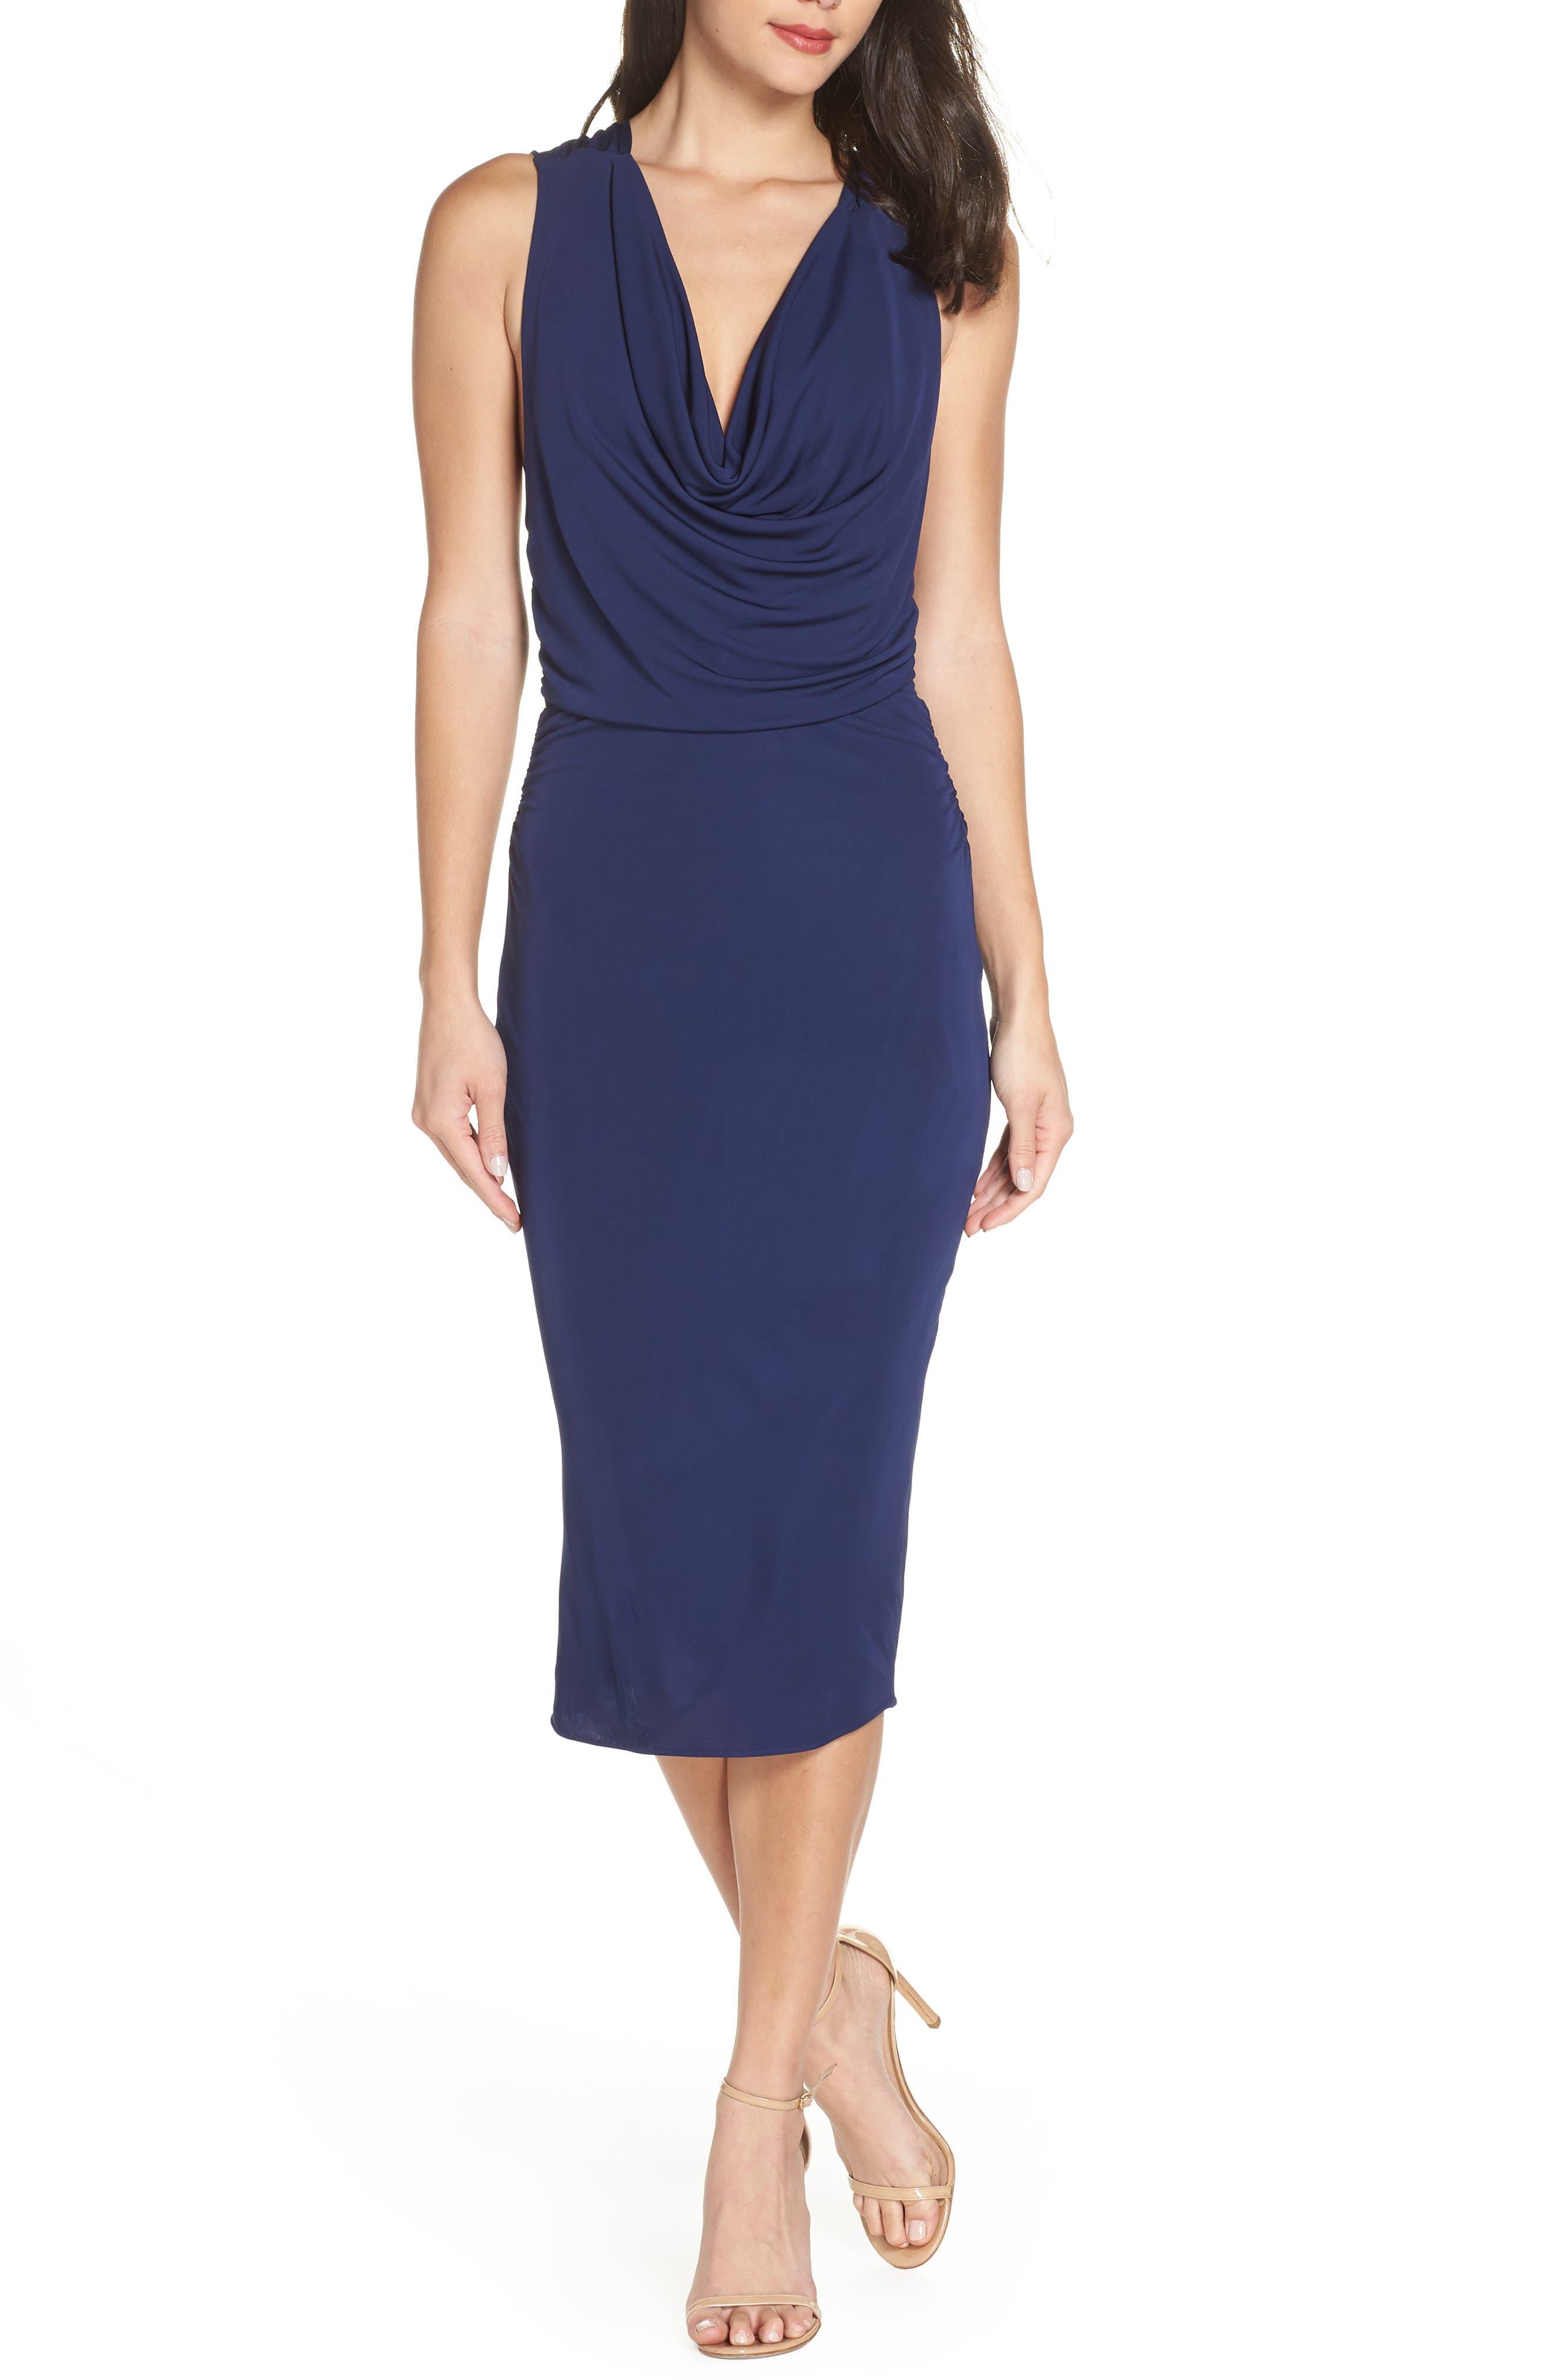 Maria Bianca Nero Elise Cowl Neck Sleeveless Dress, Blue